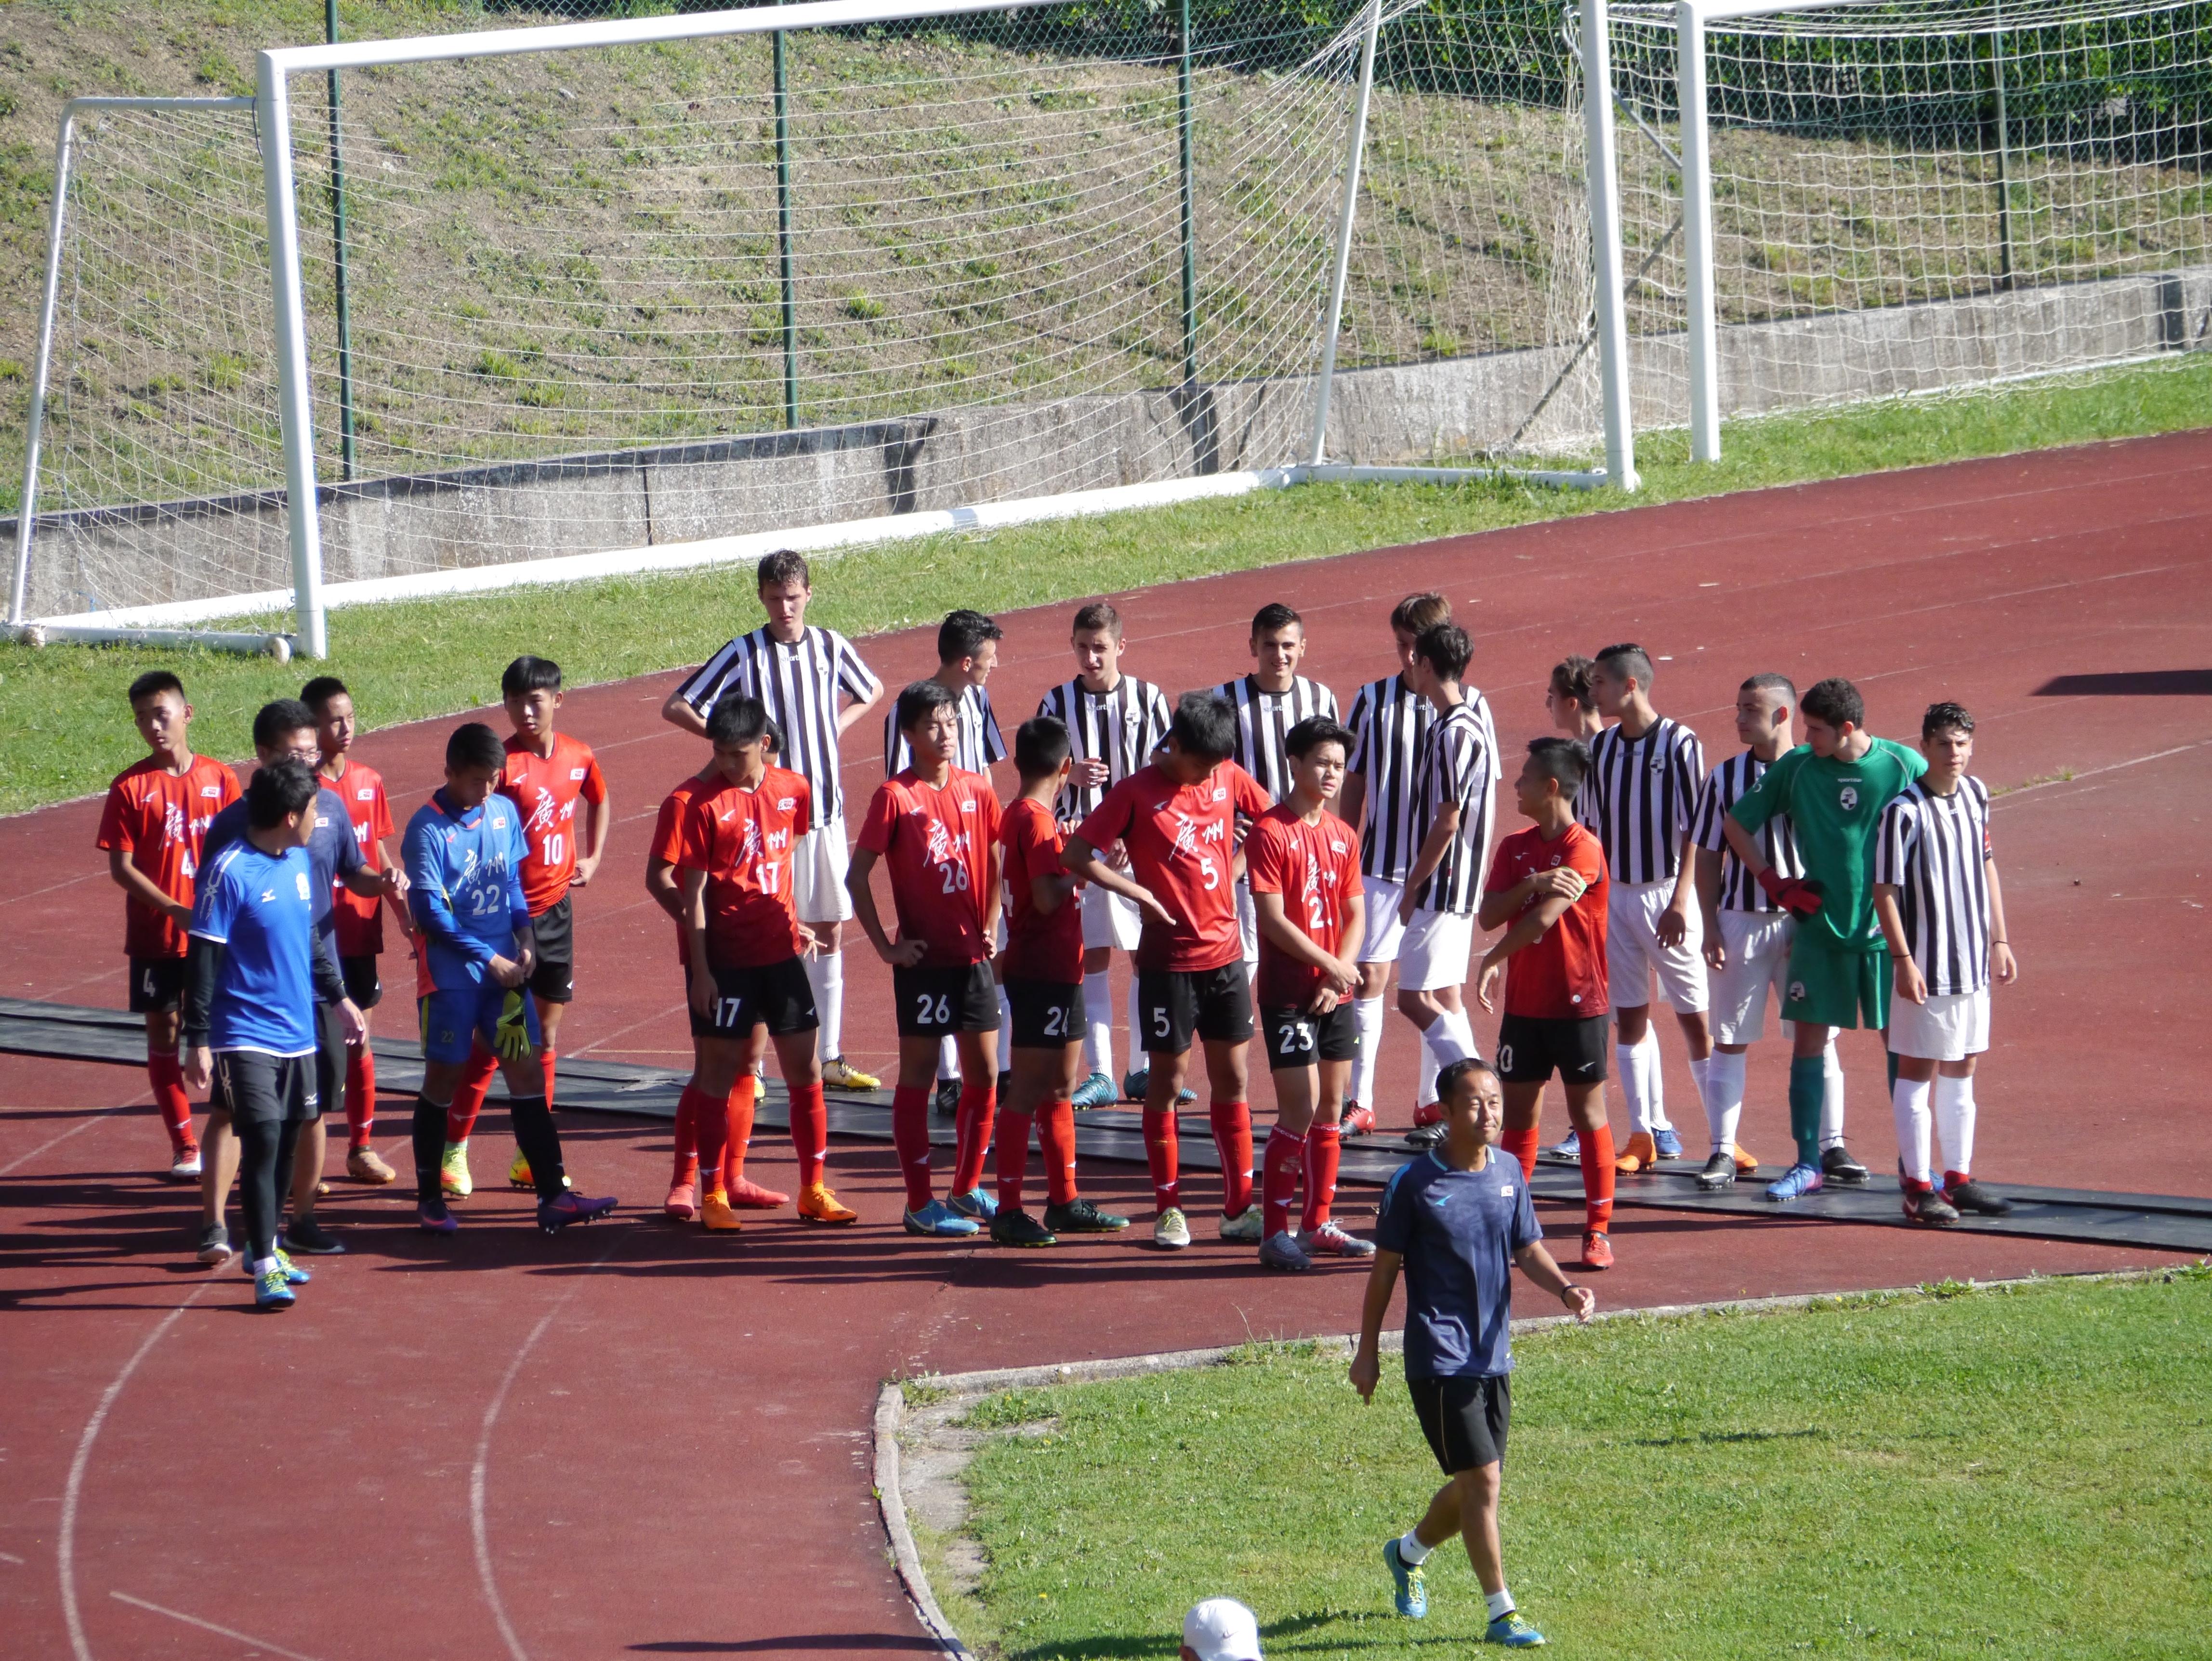 Torneo giovanile di calcio a Montepulciano, in arrivo grandi compagini internazionali